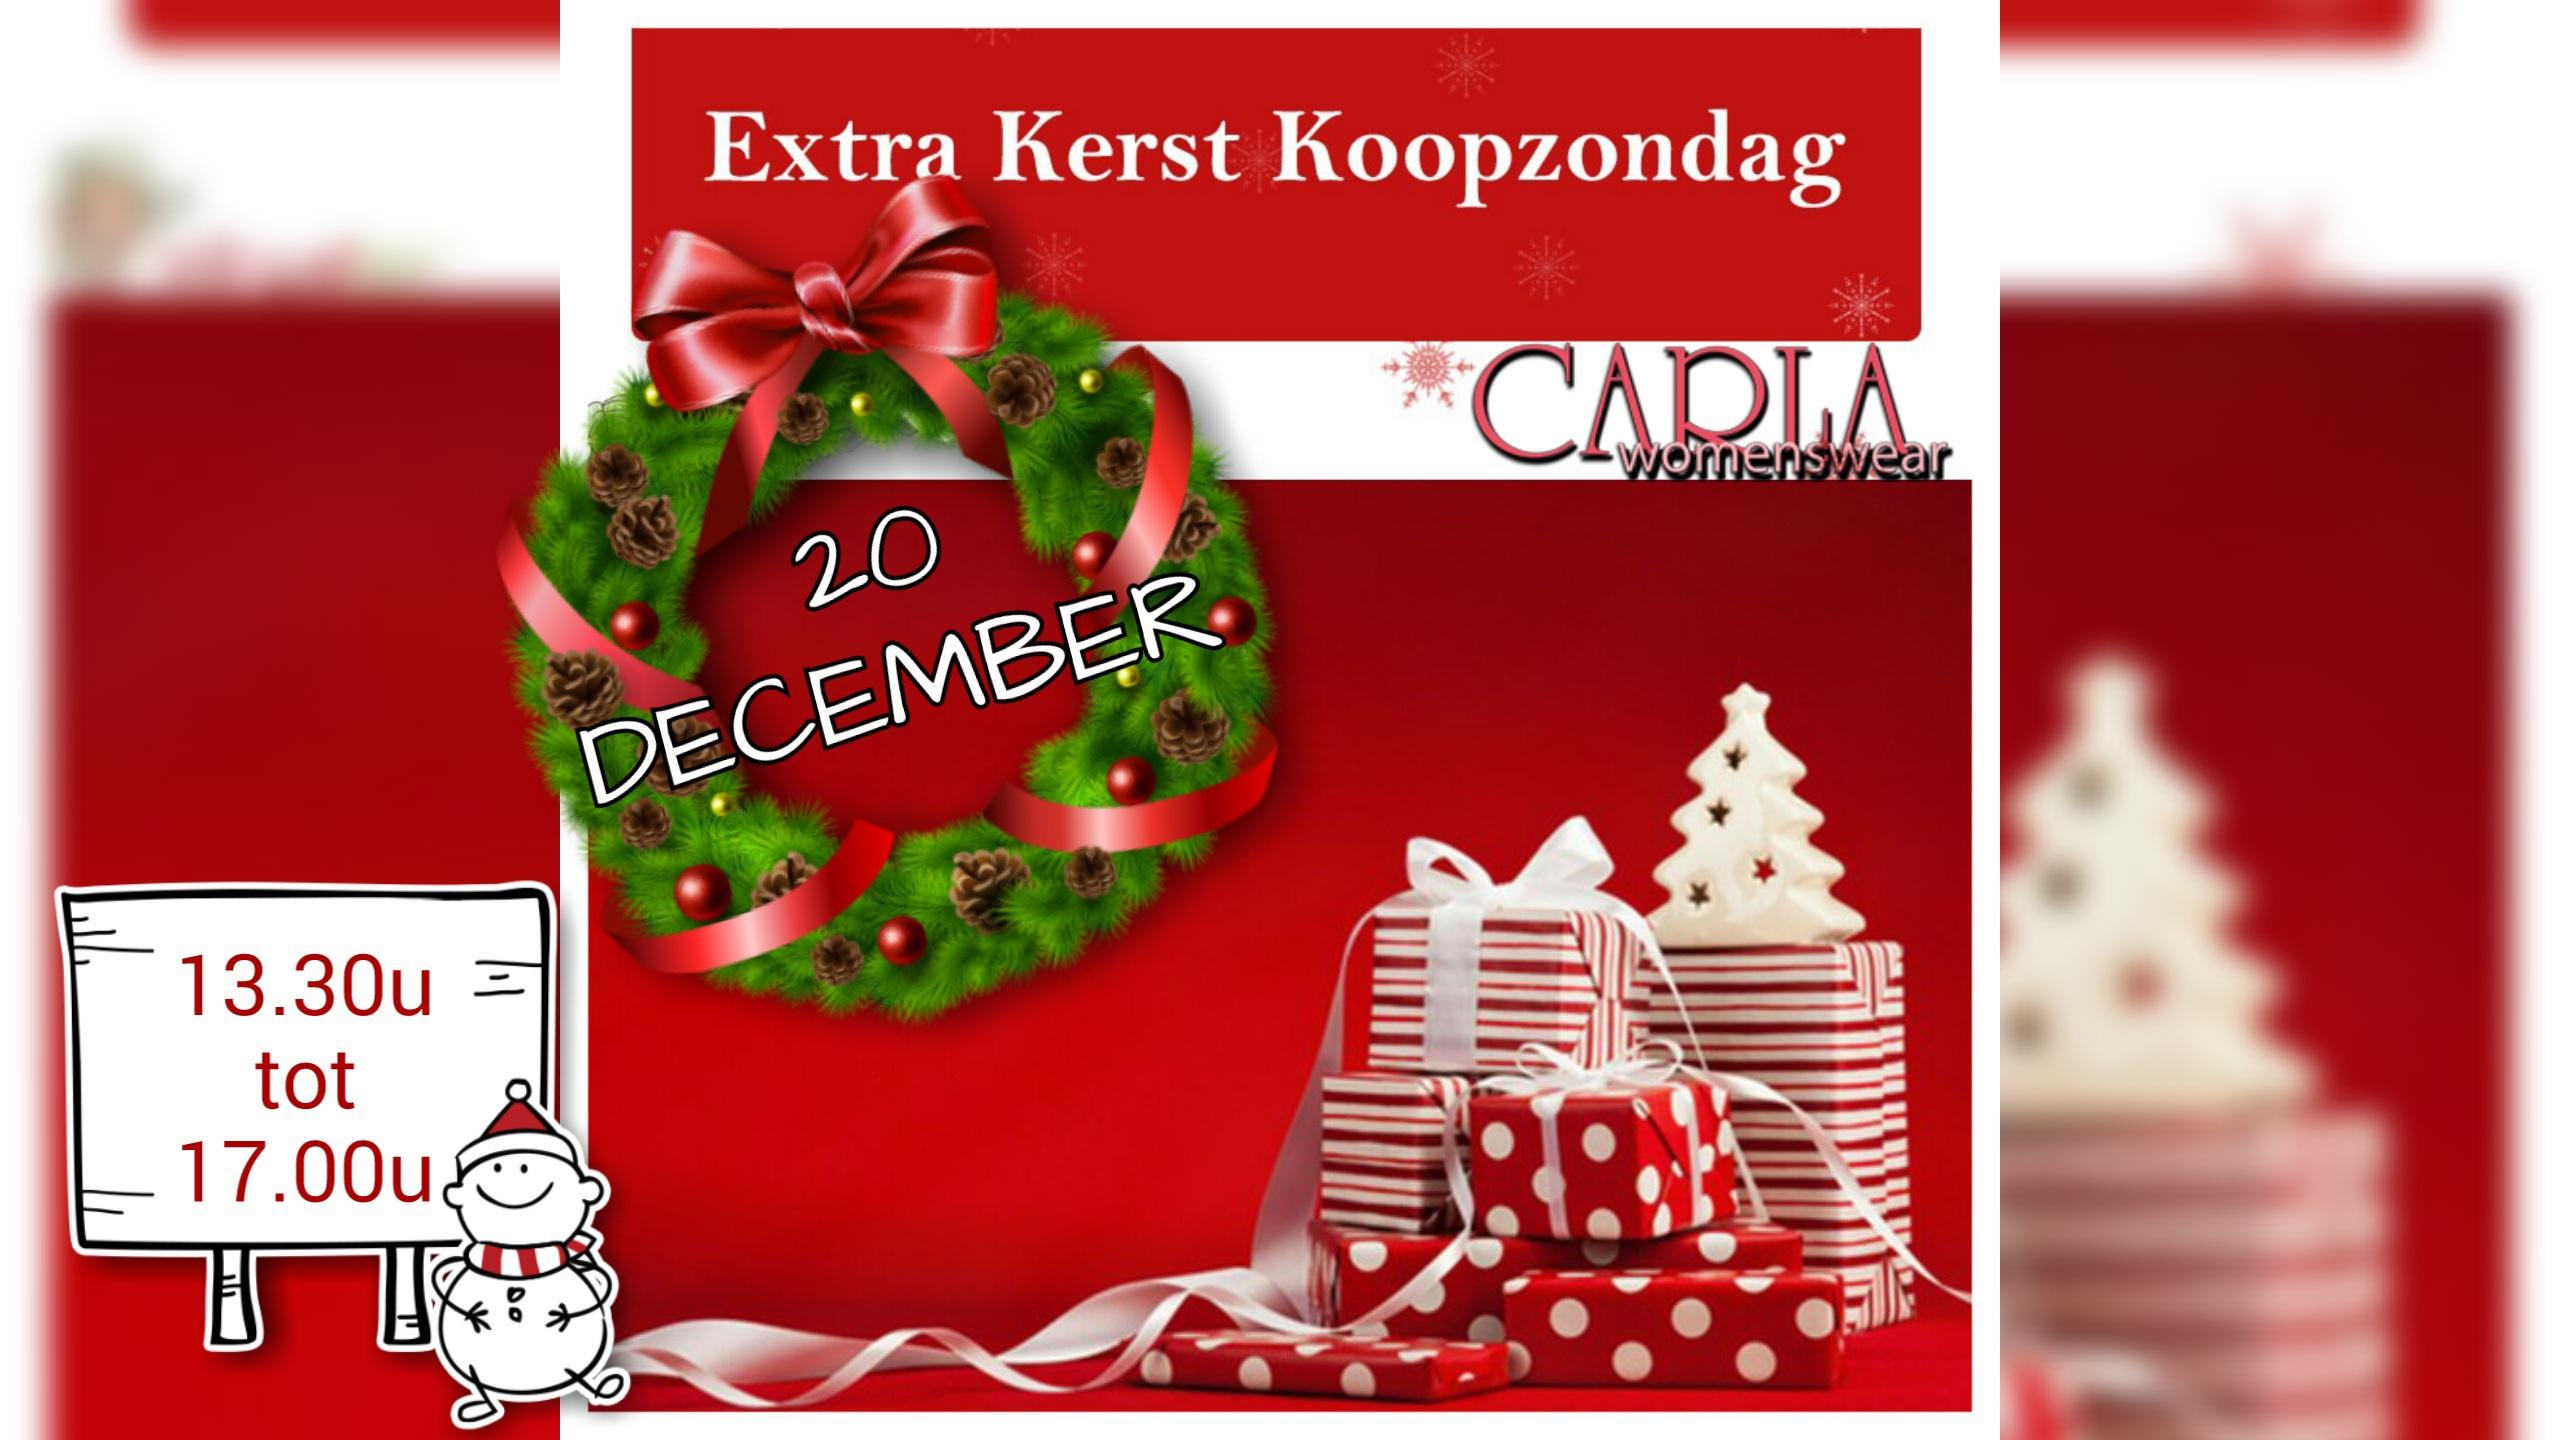 Boetiek CARLA Womenswear